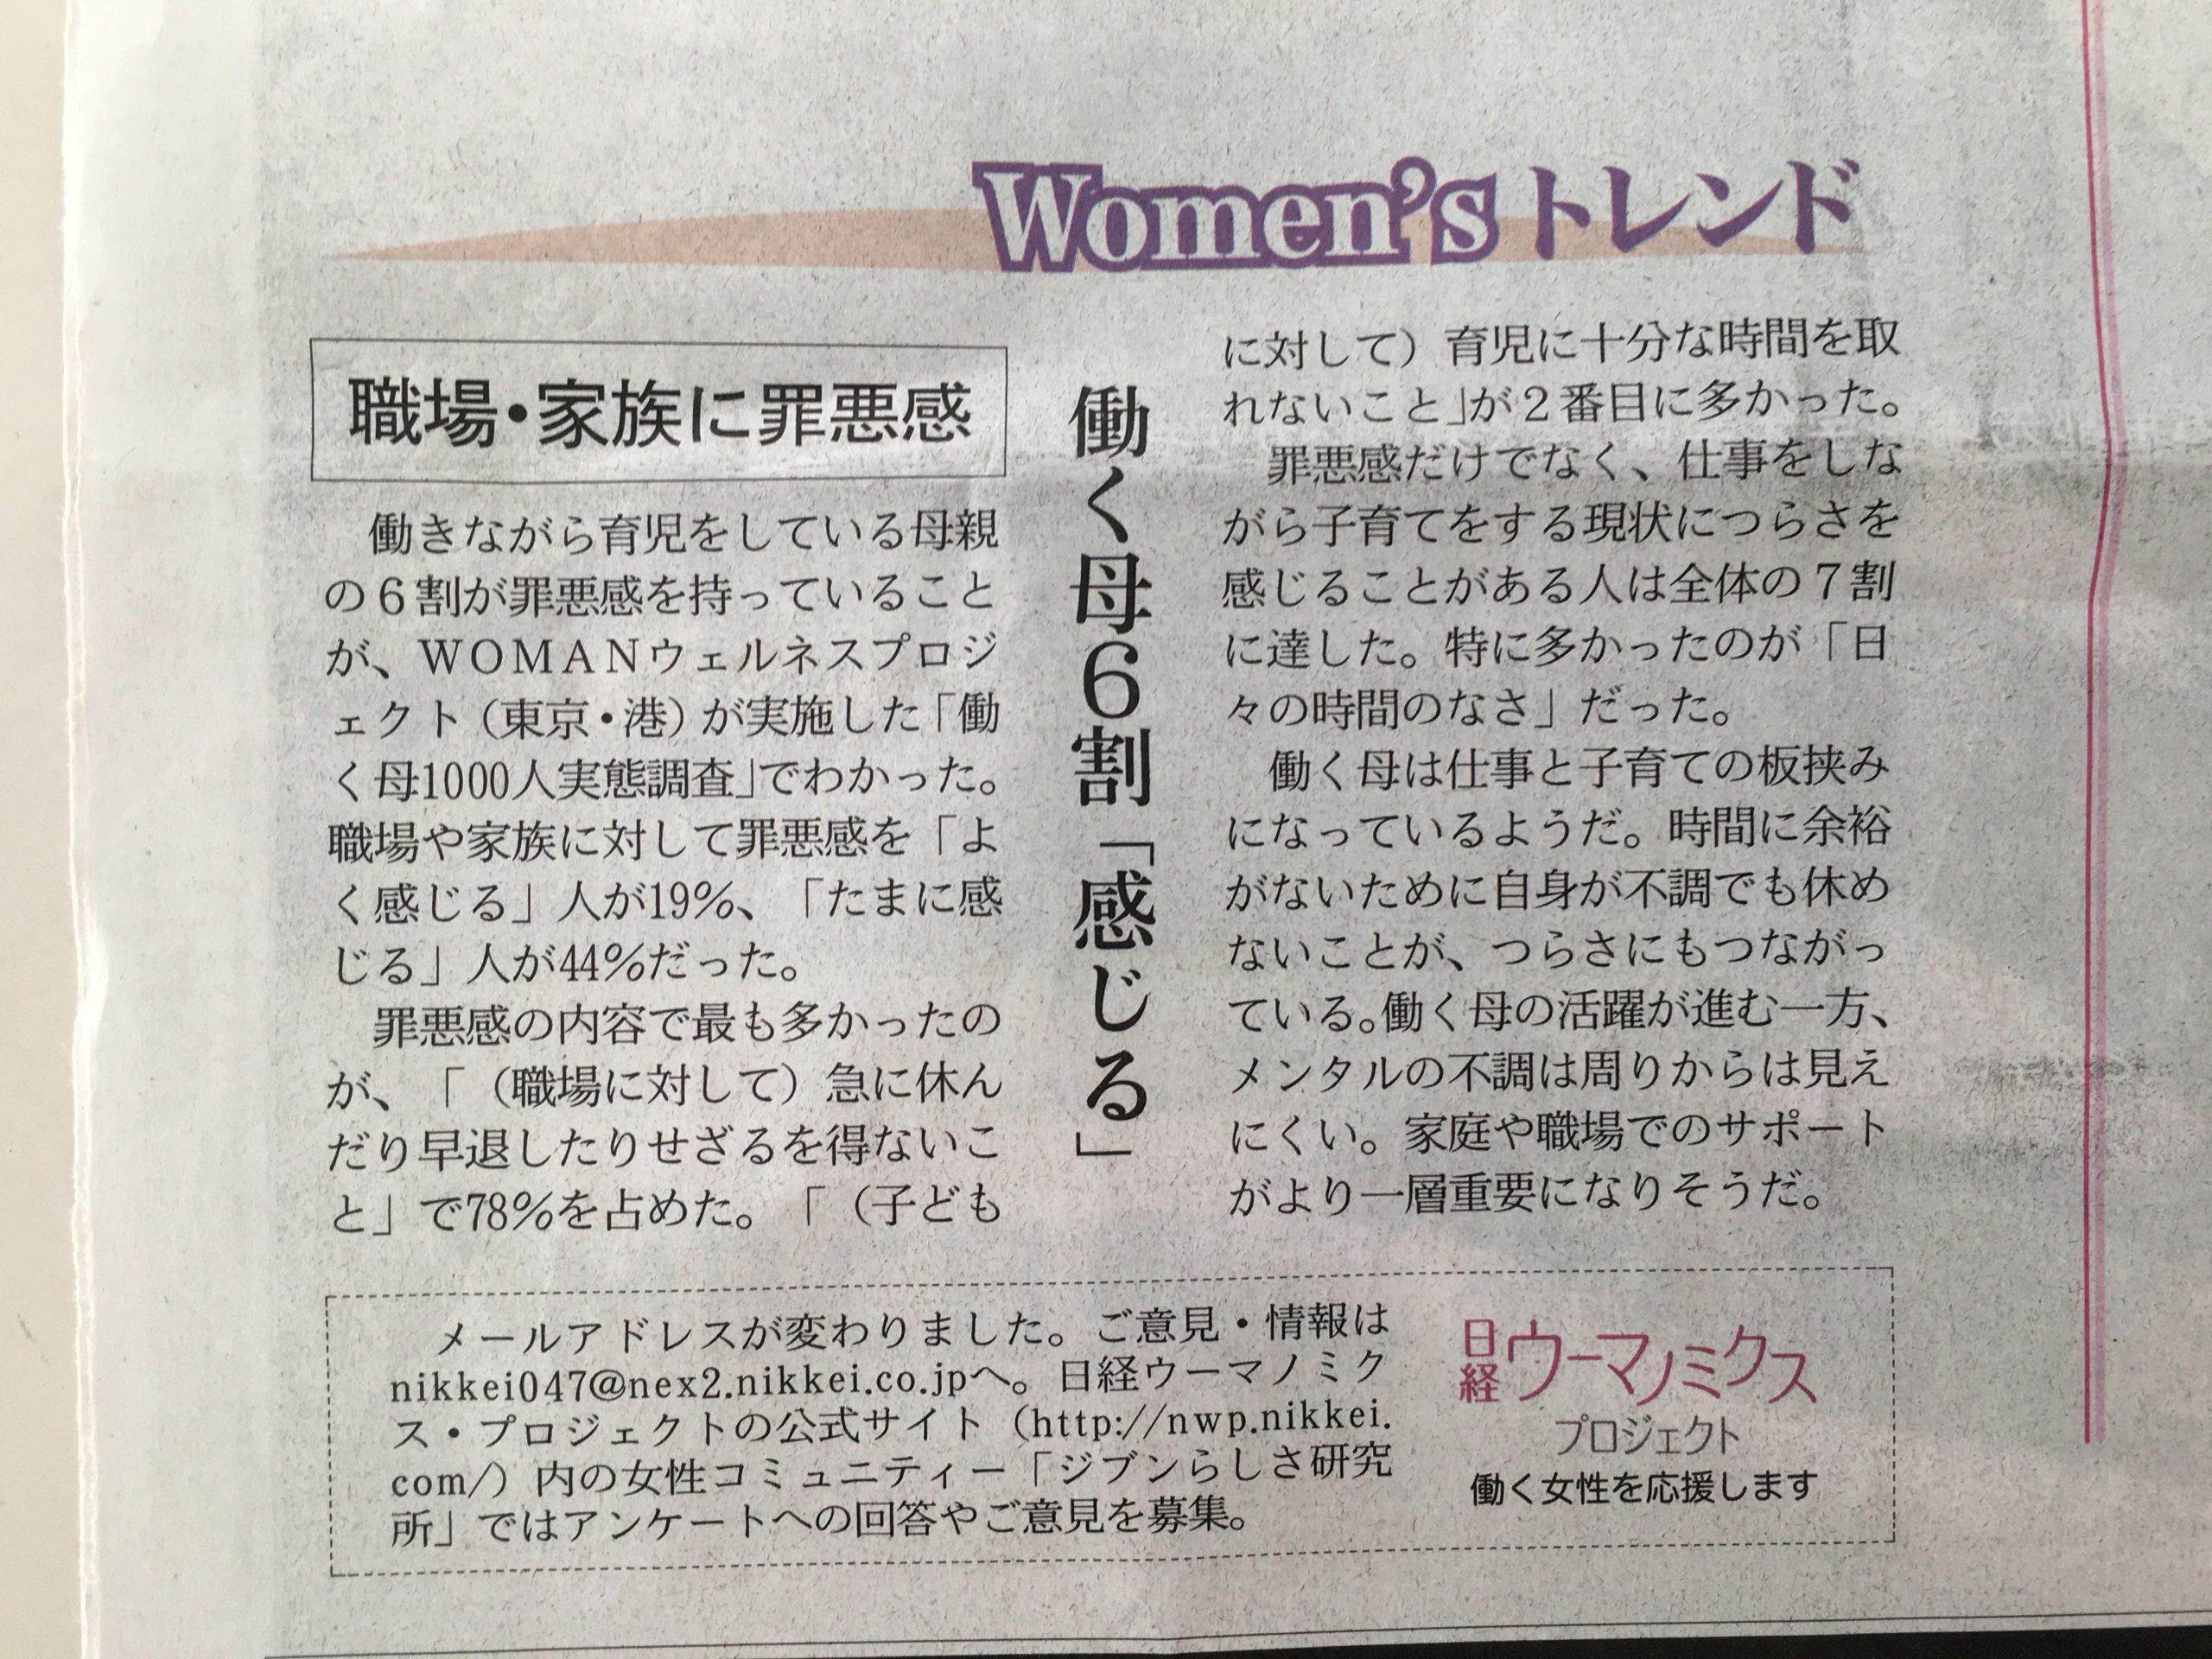 日本経済新聞20191125「働く母1000人実態調査~健康×子育て×働き方」WOMANウェルネスプロジェクト加倉井さおり